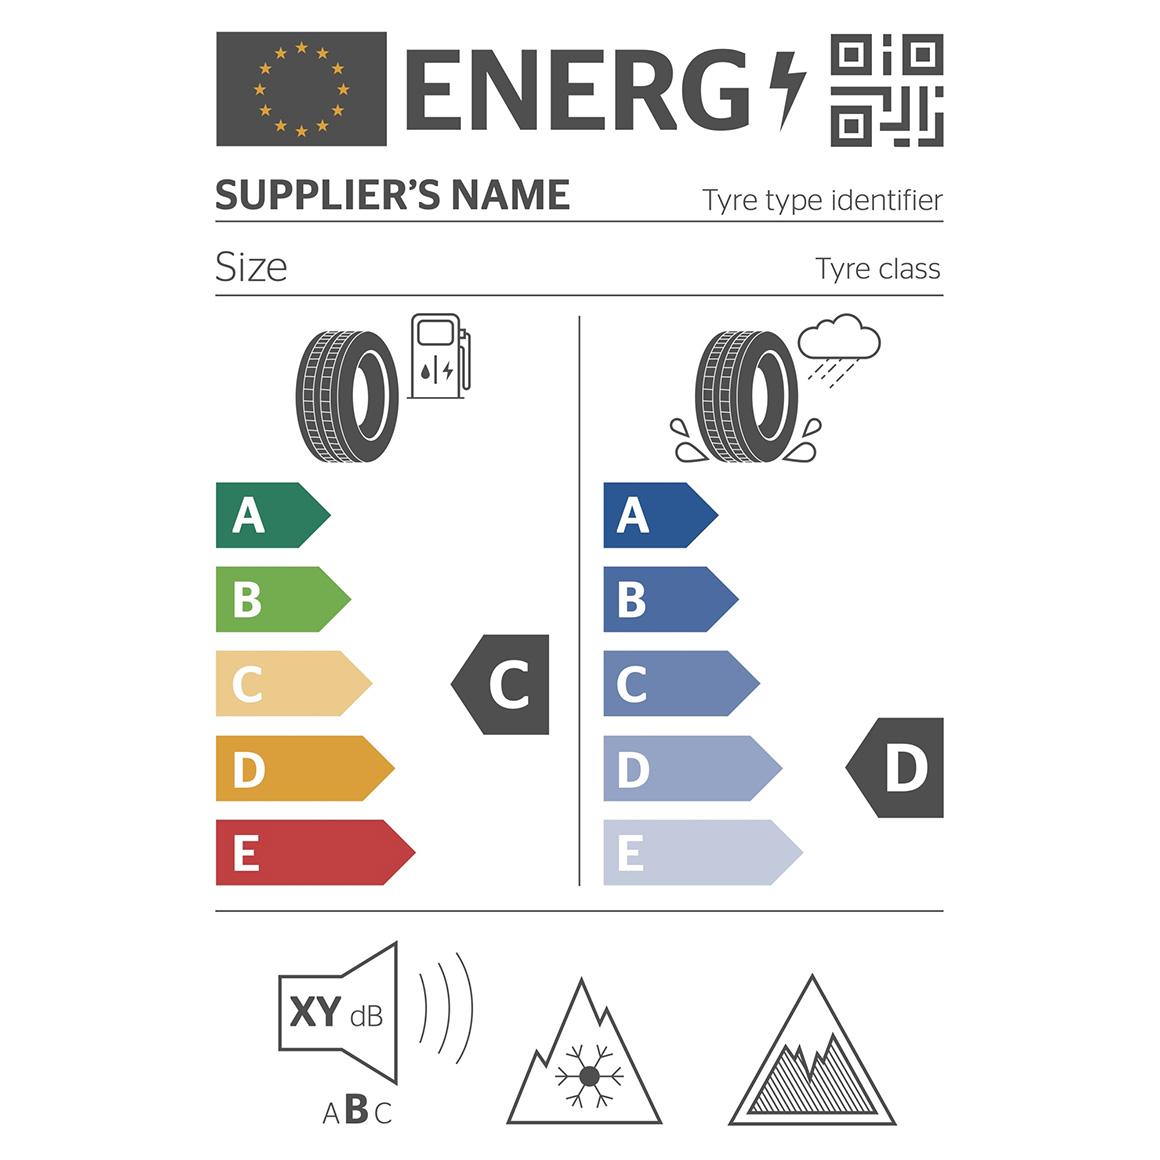 Etykieta opony UE jest naklejona na oponie.